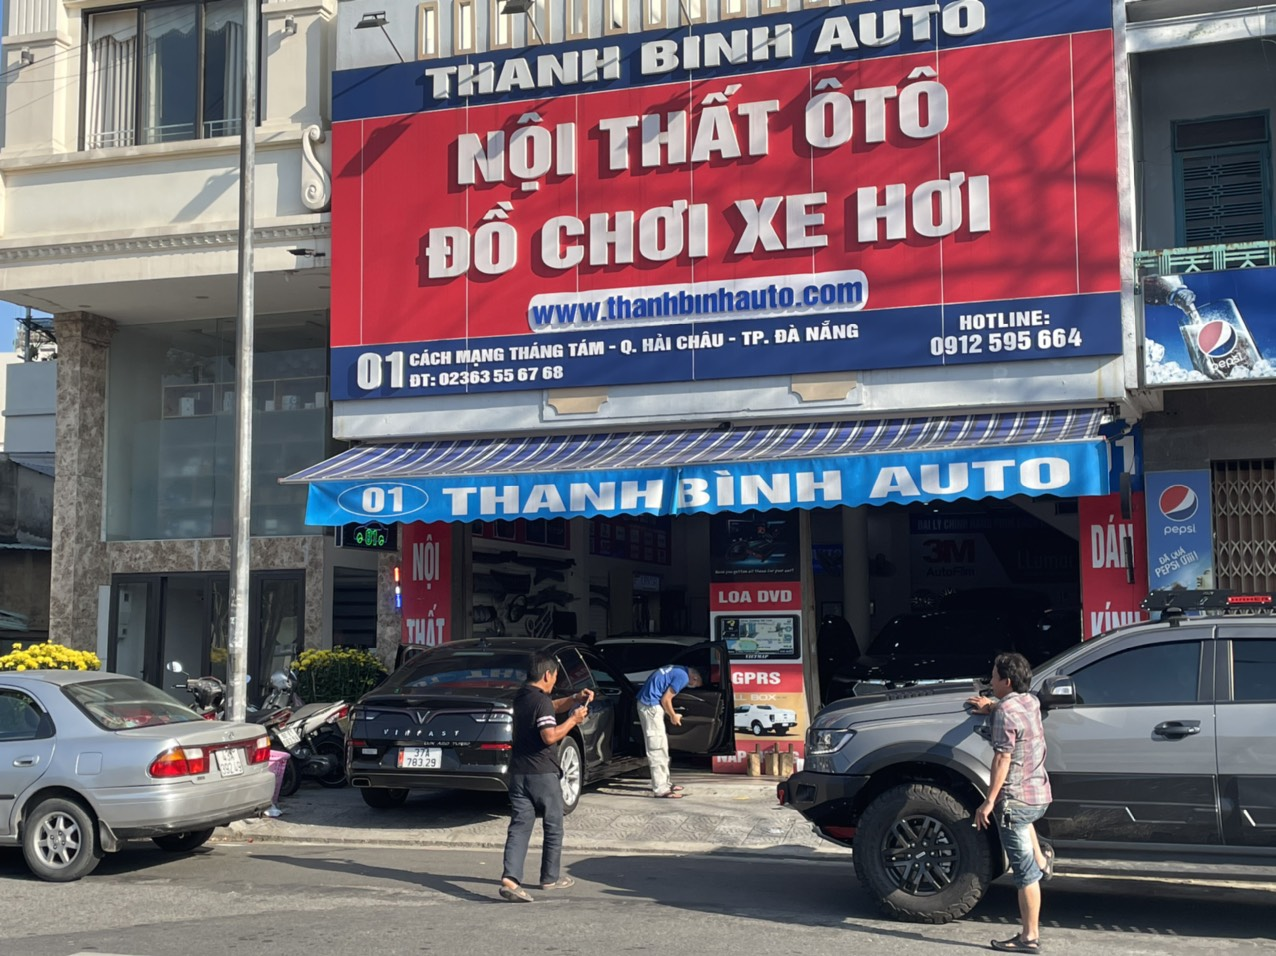 Thanhbinhauto Đà Nẵng – Cơ sở 3